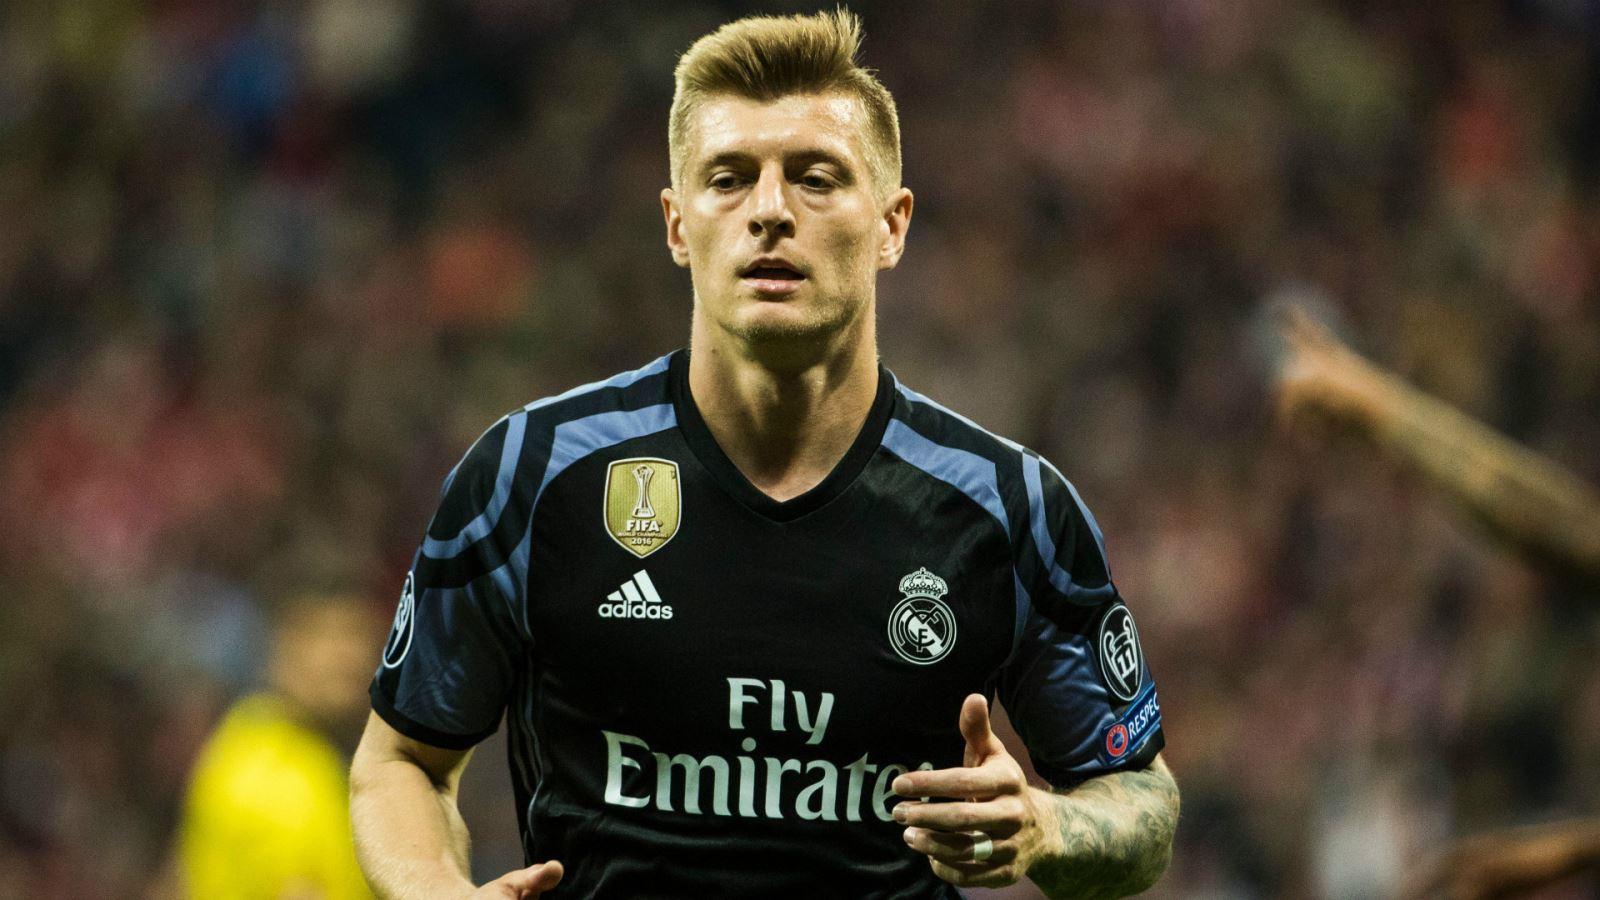 CHUYỂN NHƯỢNG 16/7: Milan quyết mua Modric. Arsenal cân nhắc giữ Mahrez và Lemar